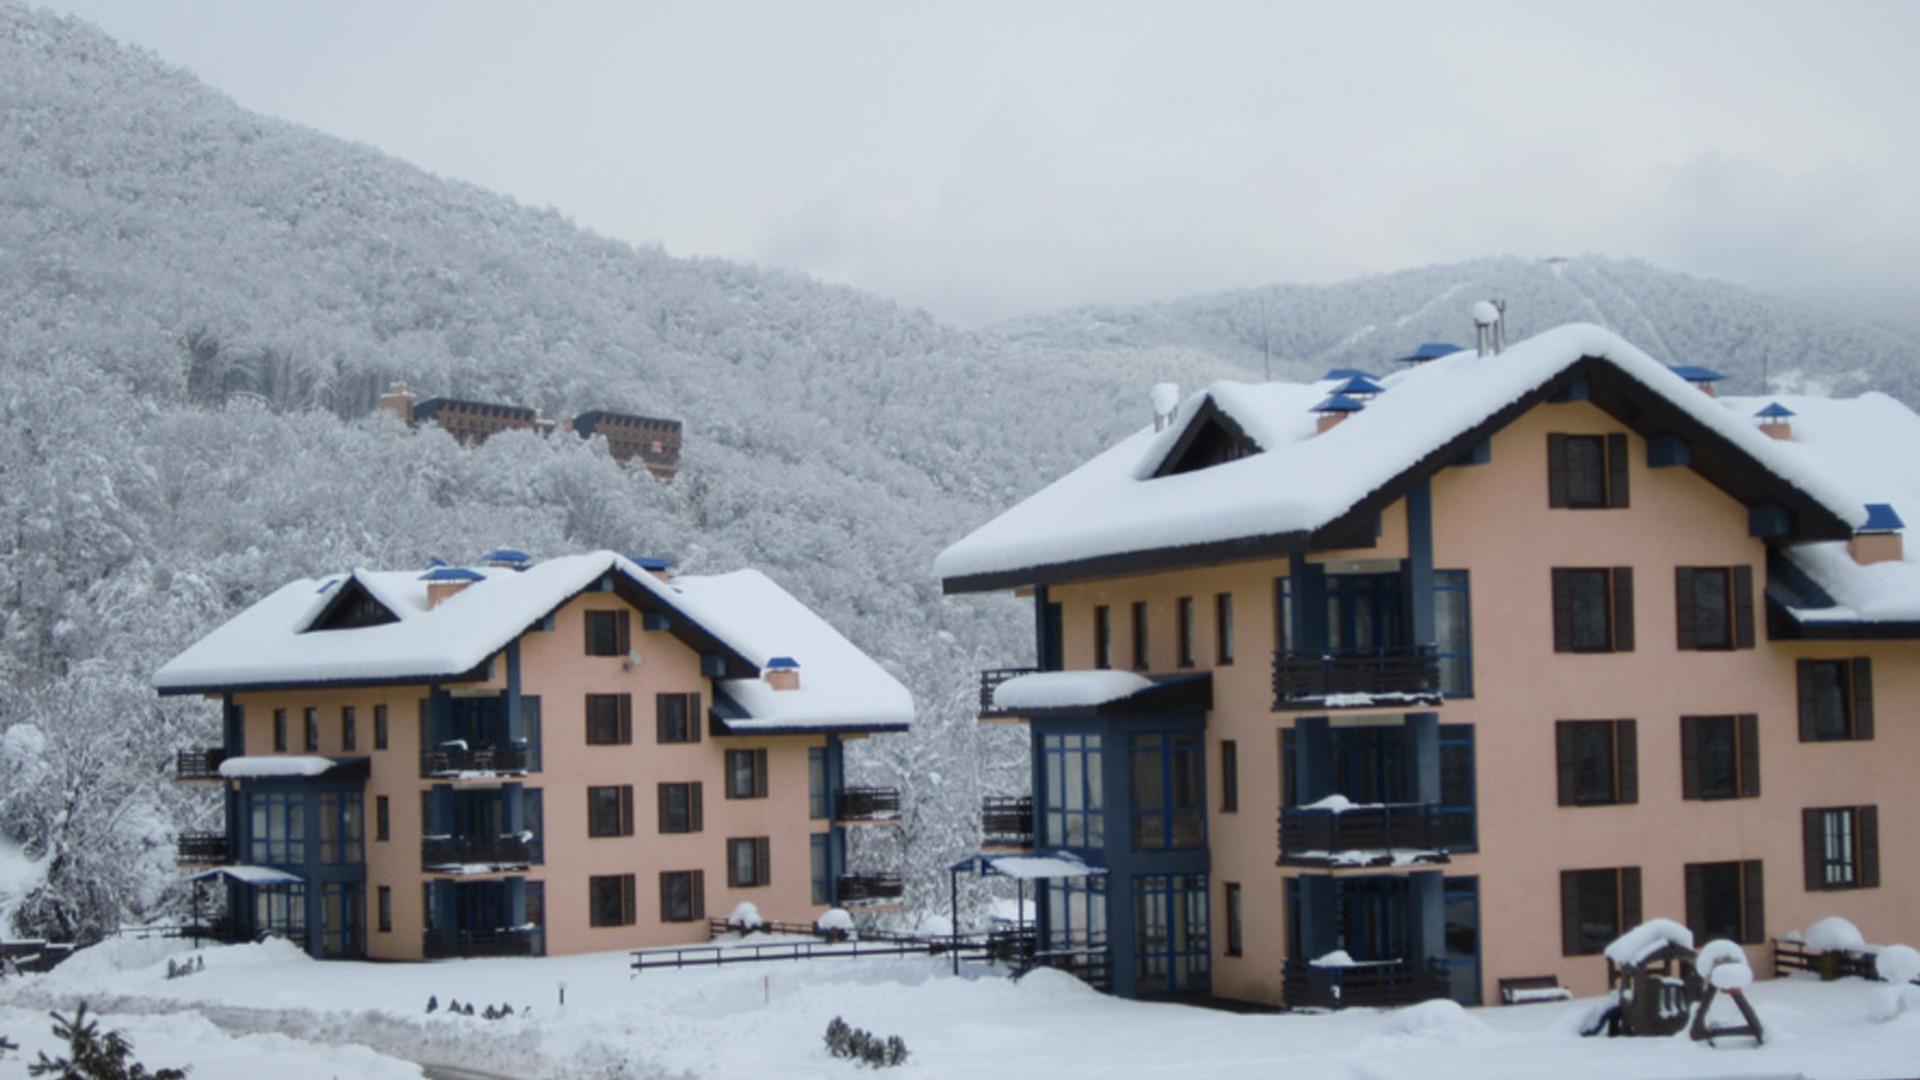 фото отеля катерина альпик того, материал абсолютно